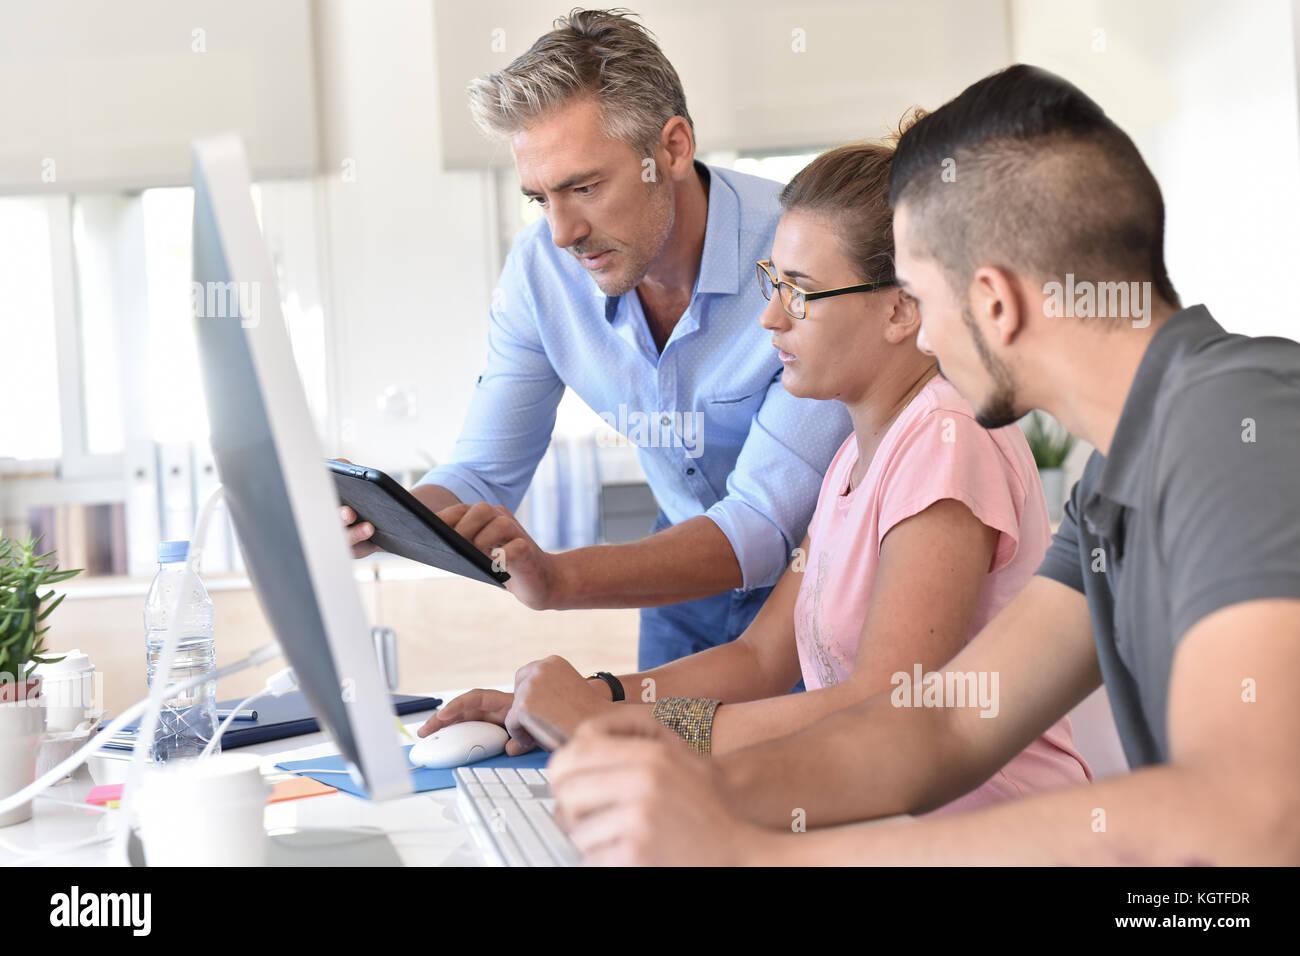 Les étudiants en cours de formation design using tablet Photo Stock